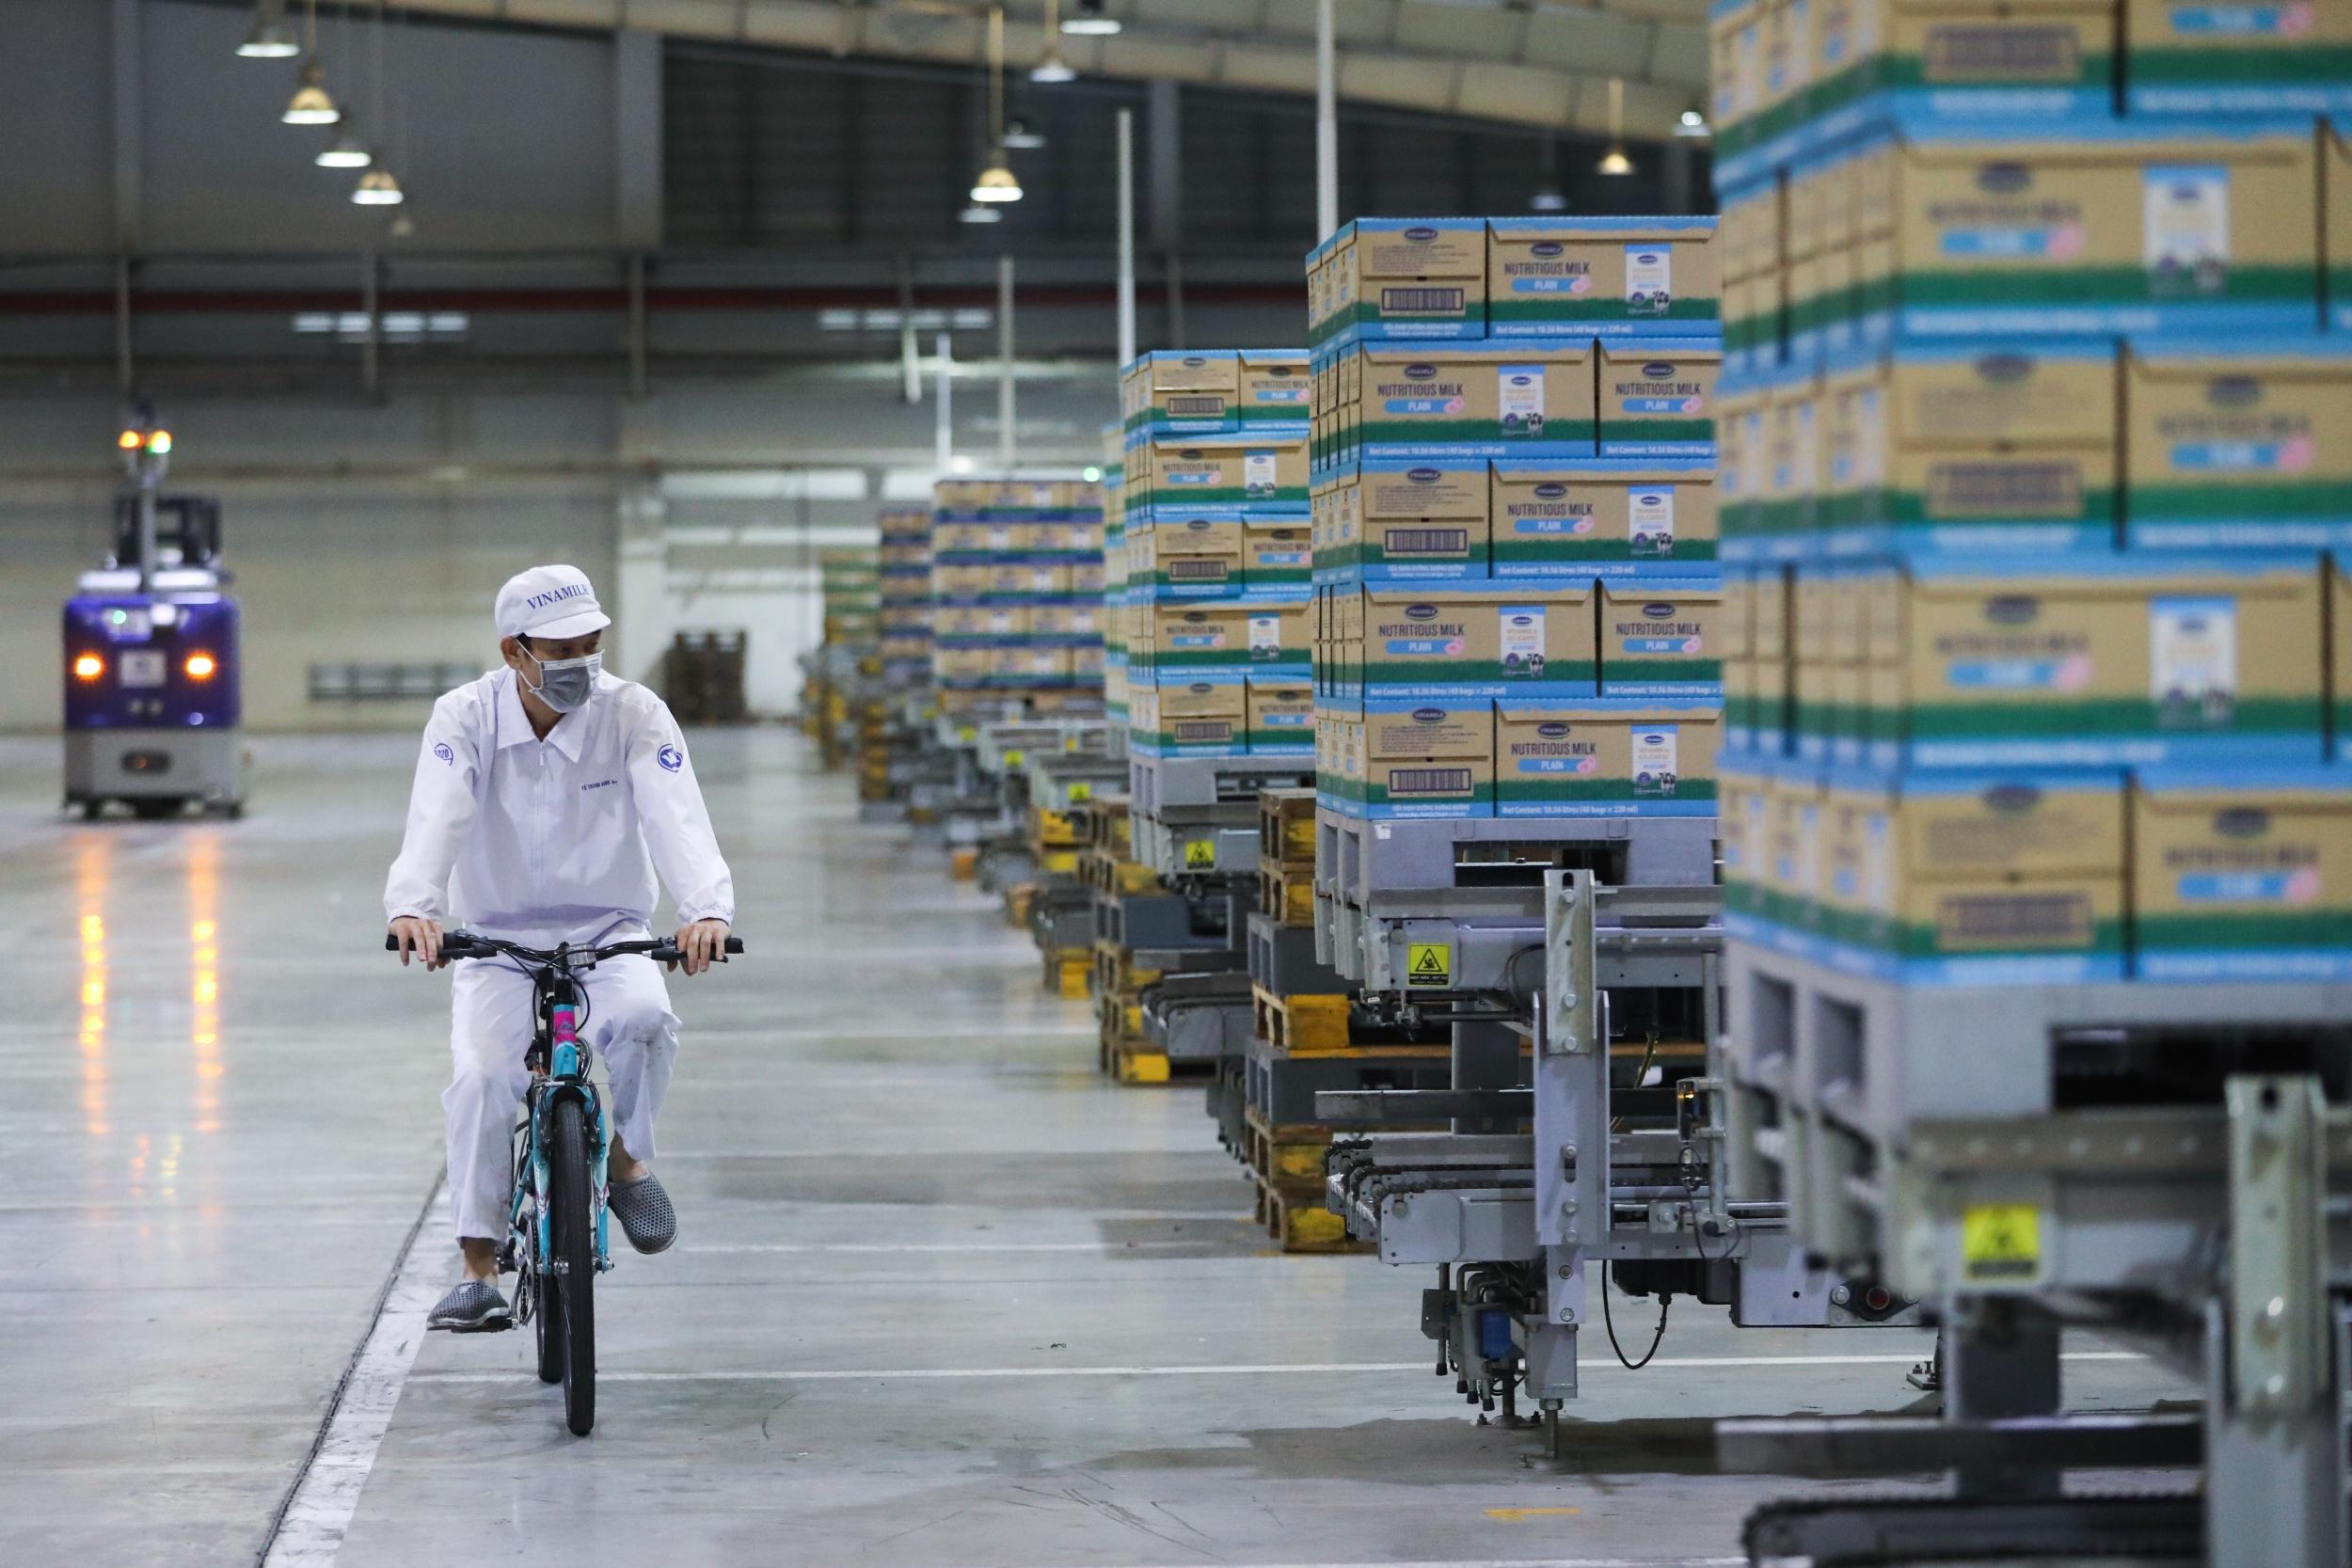 Họat động sản xuất của nhà máy do máy móc thực hiện với trình độ tự động hoá cao, con người chủ yếu đóng vai trò vận hành hệ thống điều khiển và kiểm tra giám sát